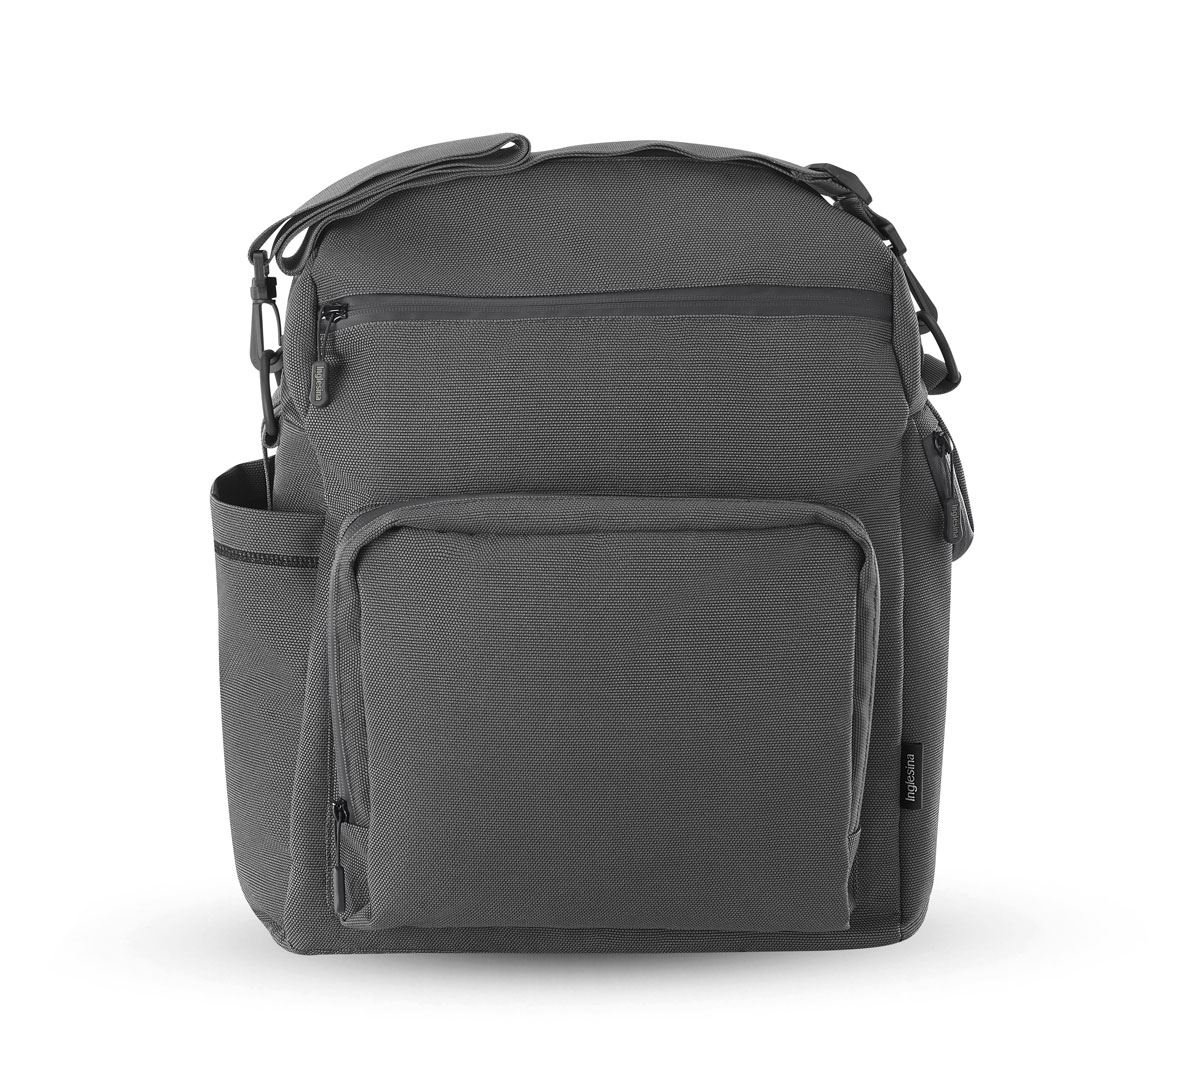 Bolso Adventure Bag Aptica XT de Inglesina